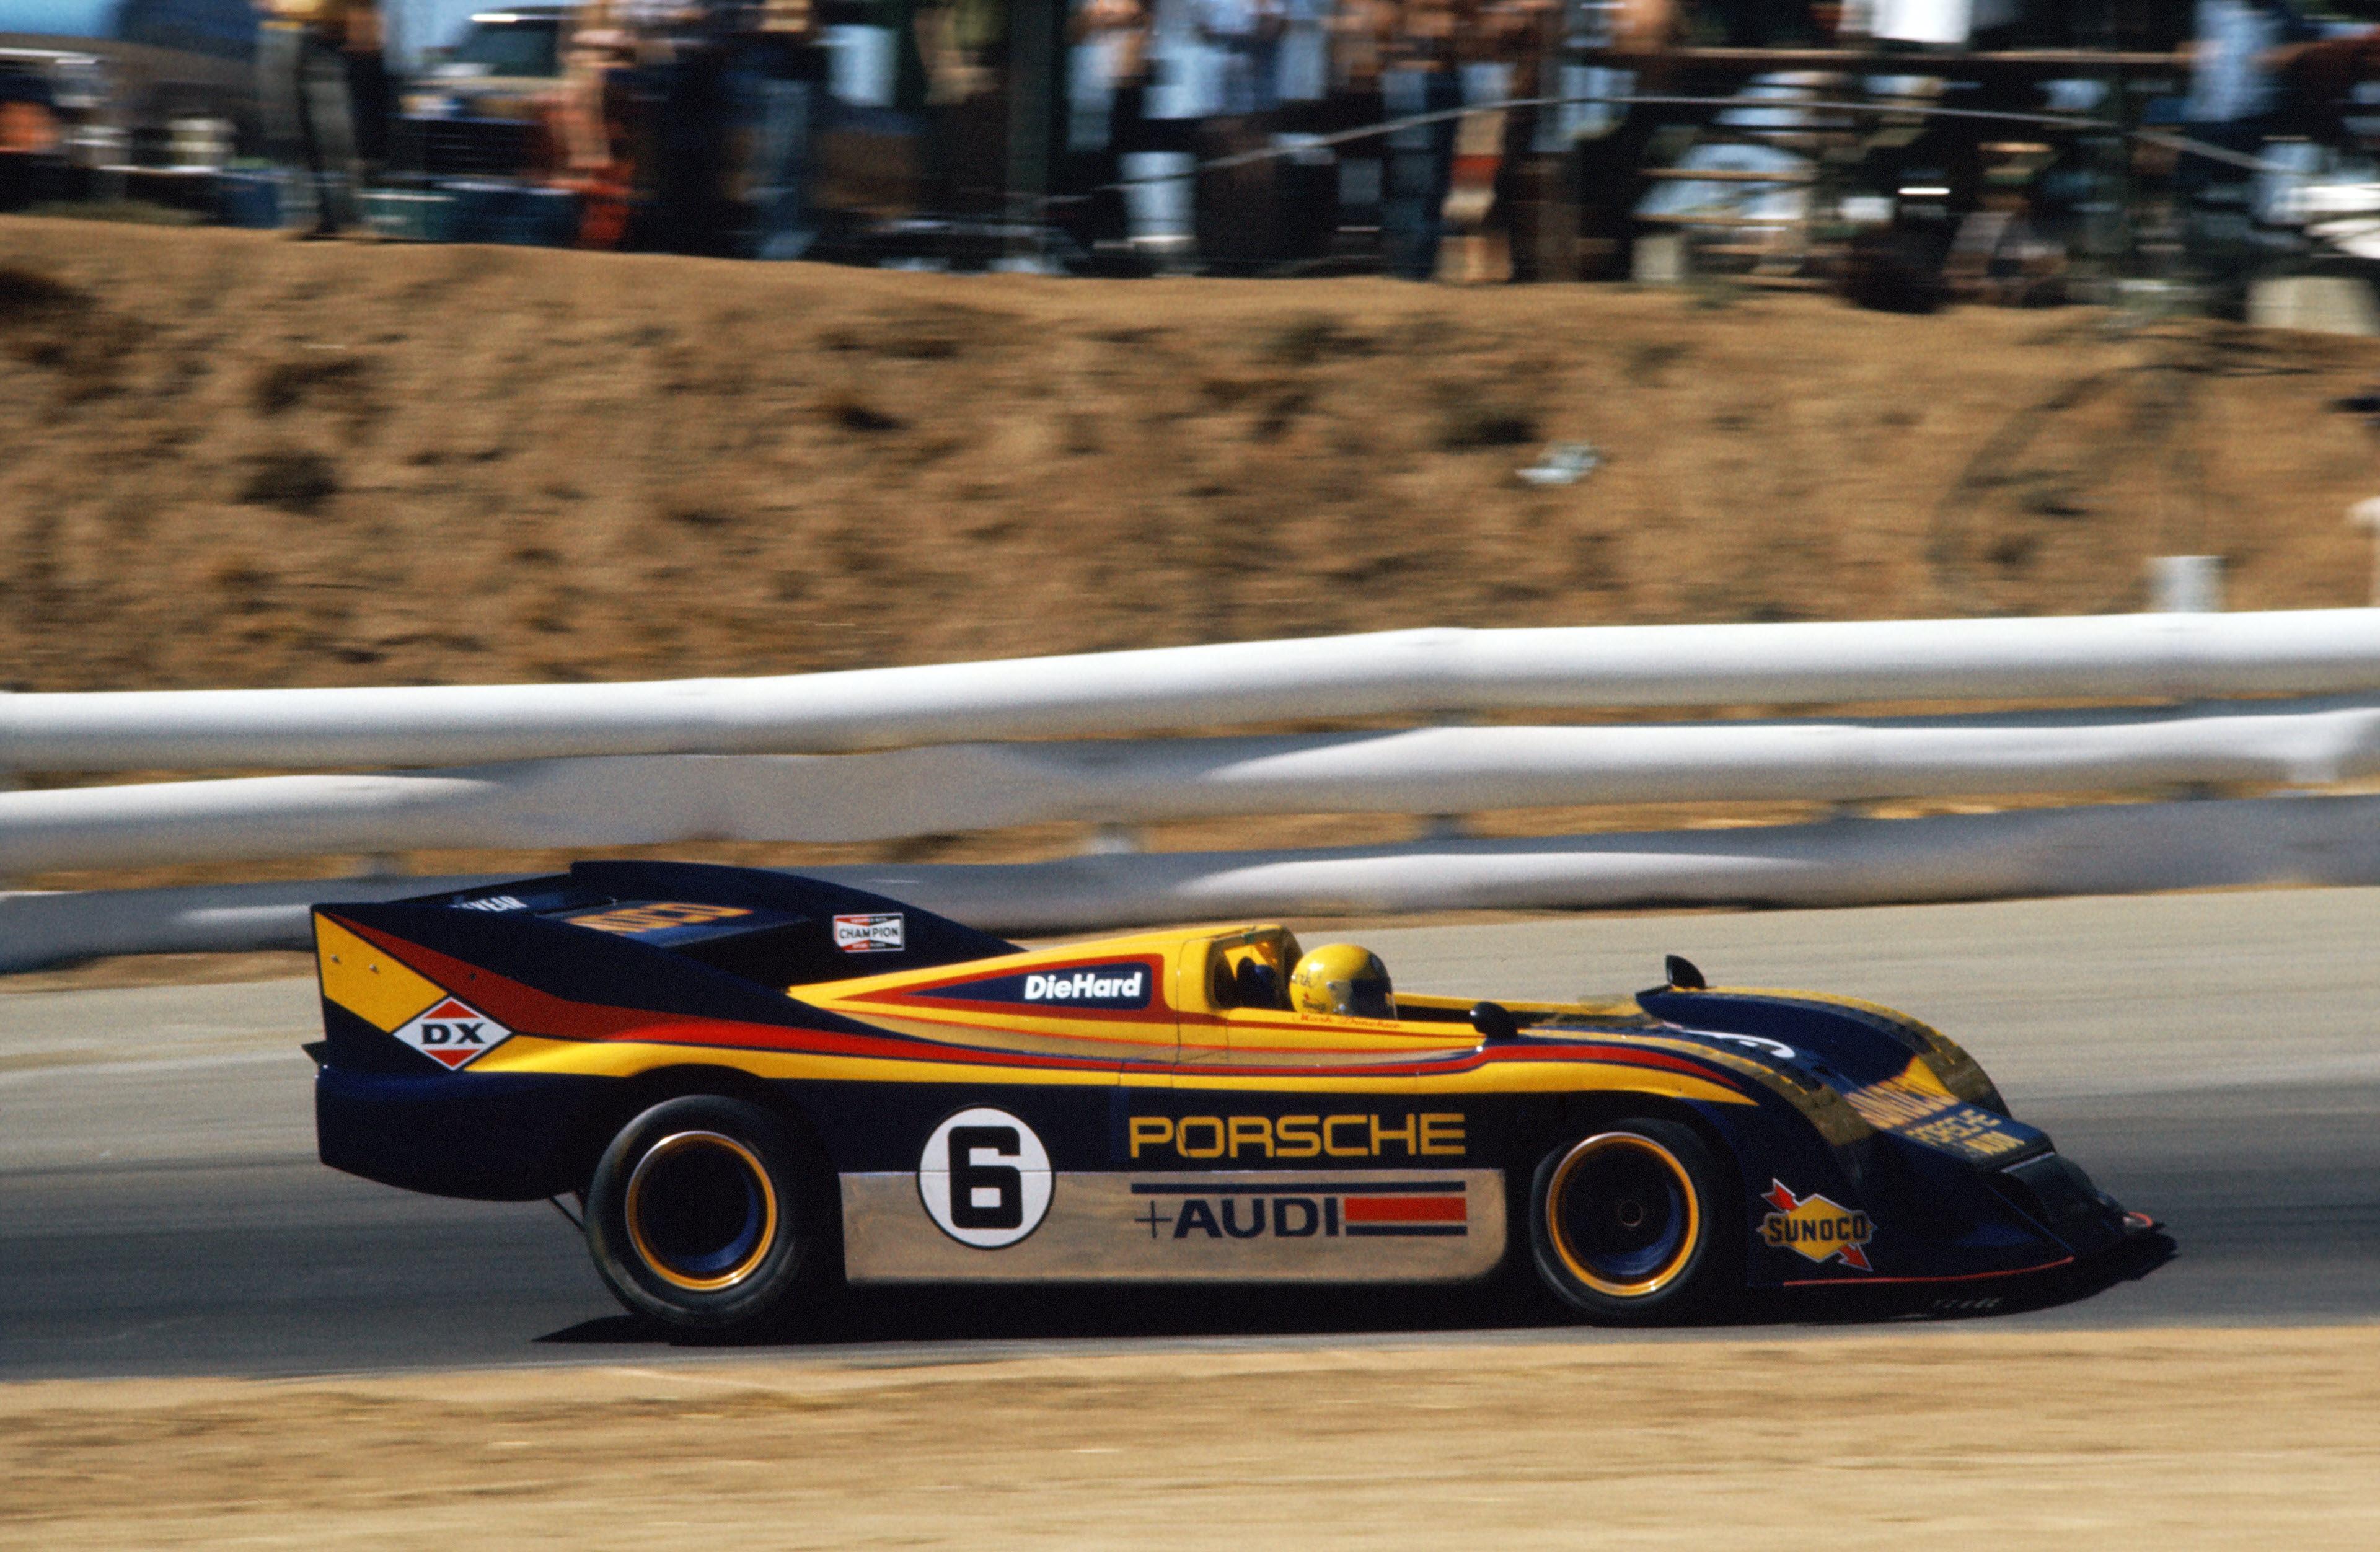 The Porsche 917-30